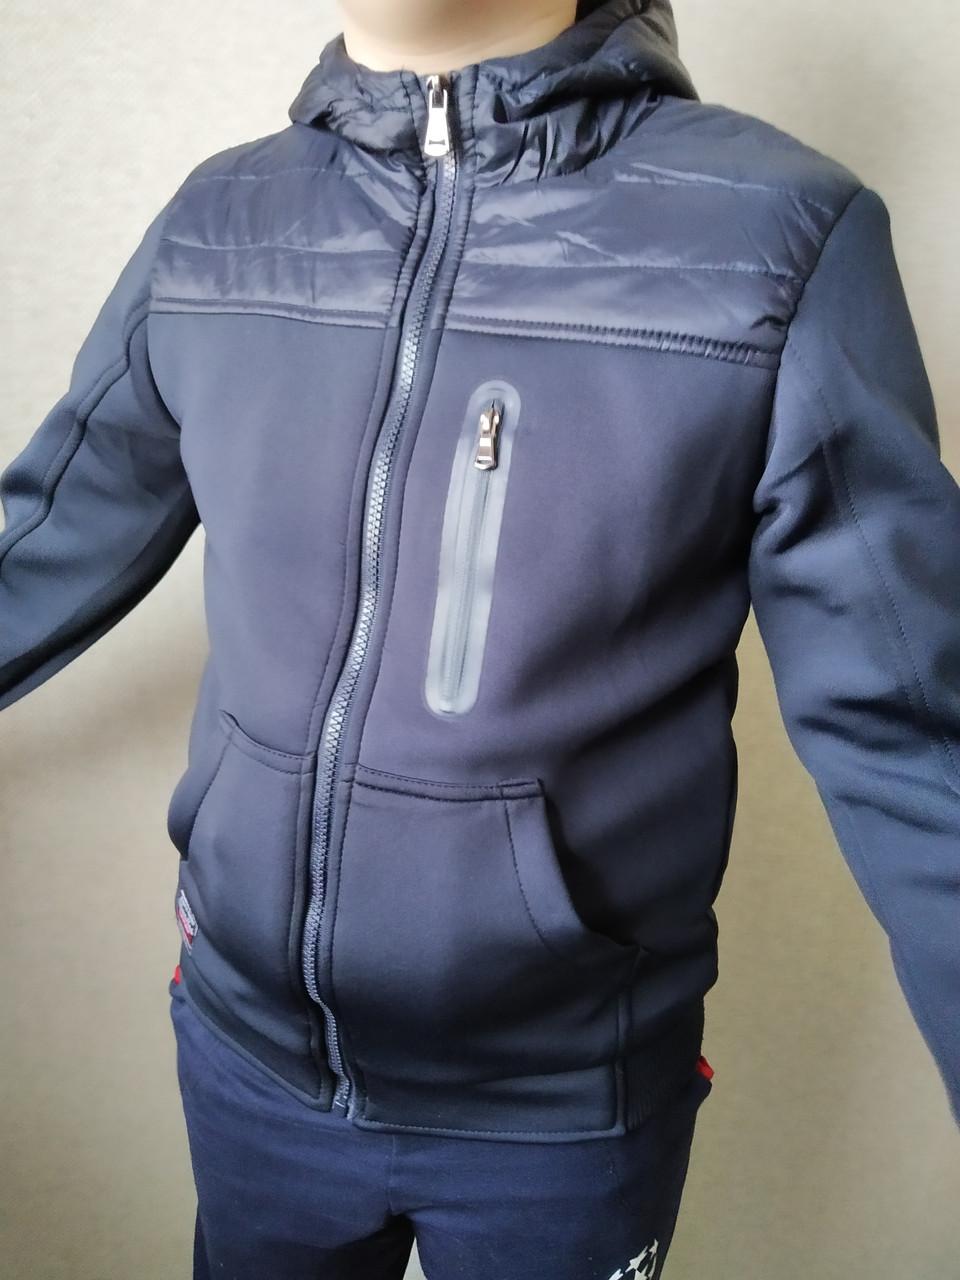 Легкая подростковая куртка унисекс, рост 140